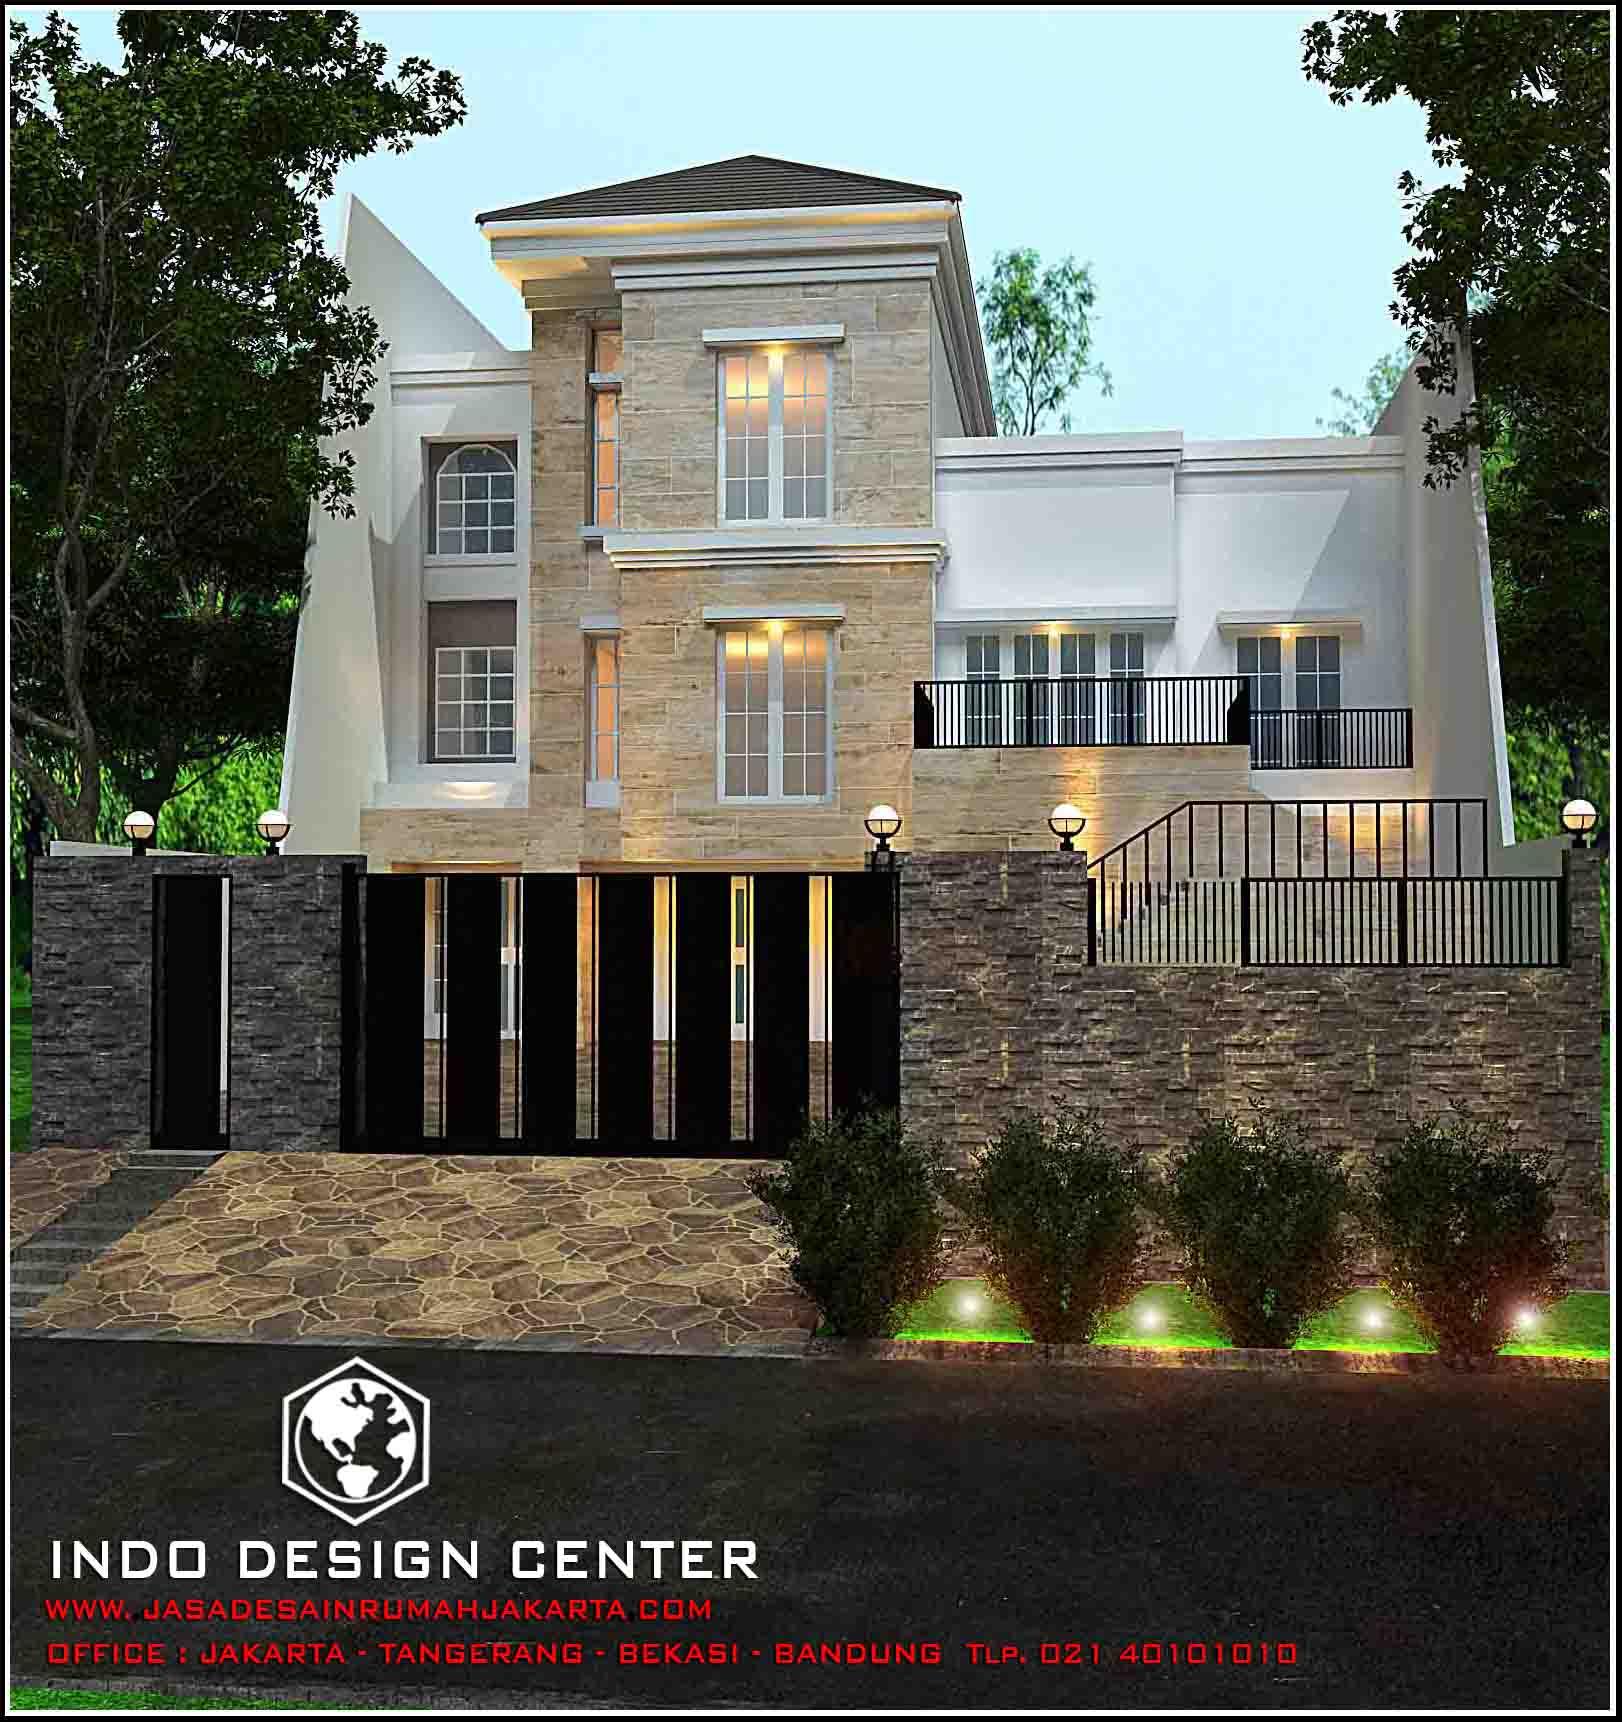 Jasa desain rumah arsip jasa desain rumah jakarta jasa for Arsitek di jakarta